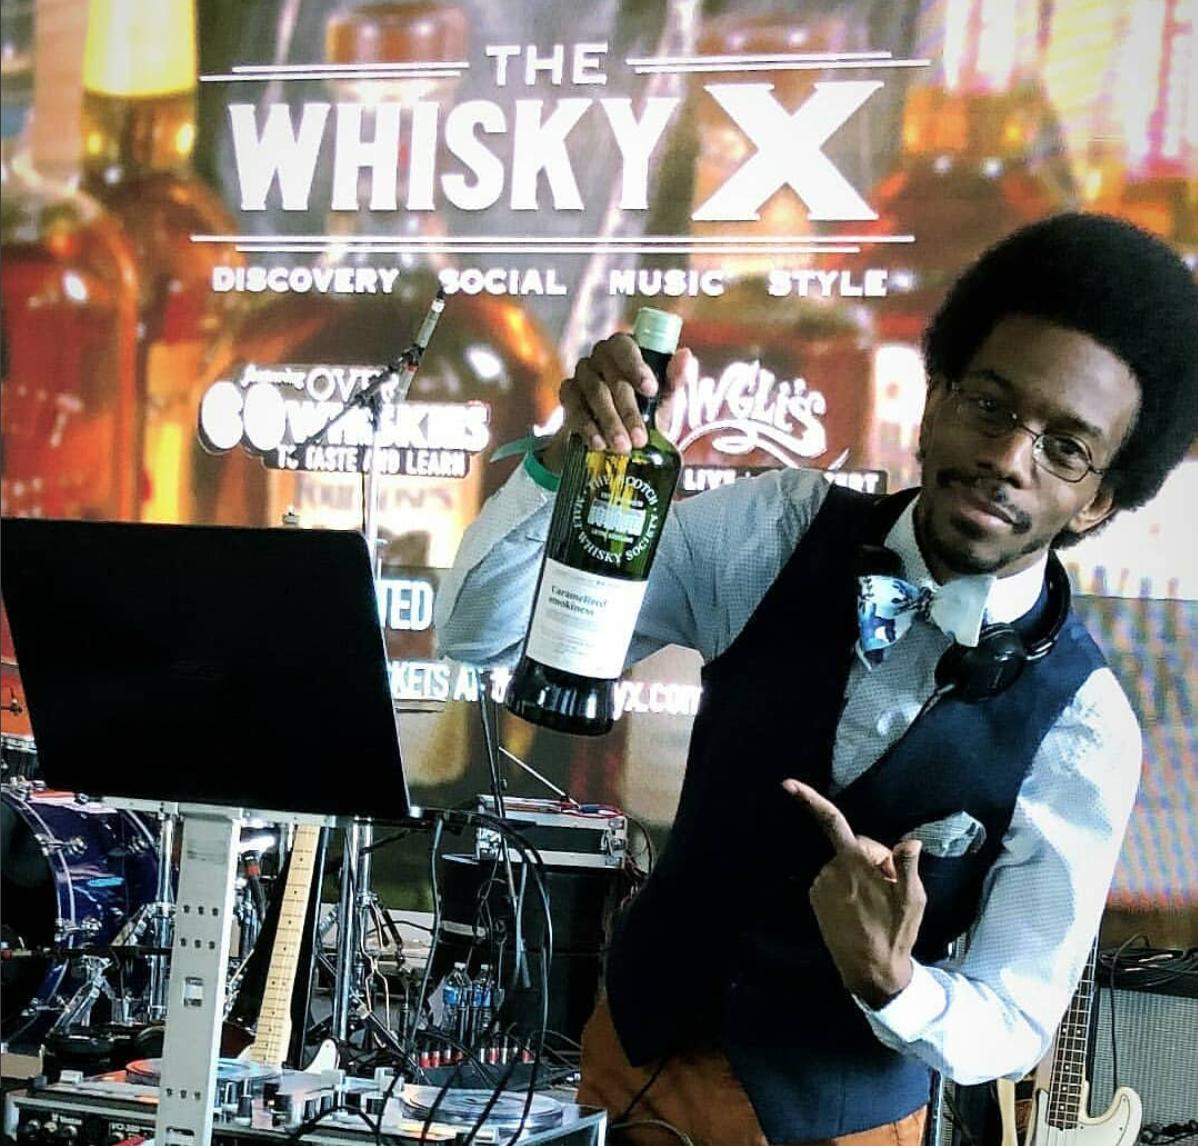 dj-at-social-whisky-event.jpg